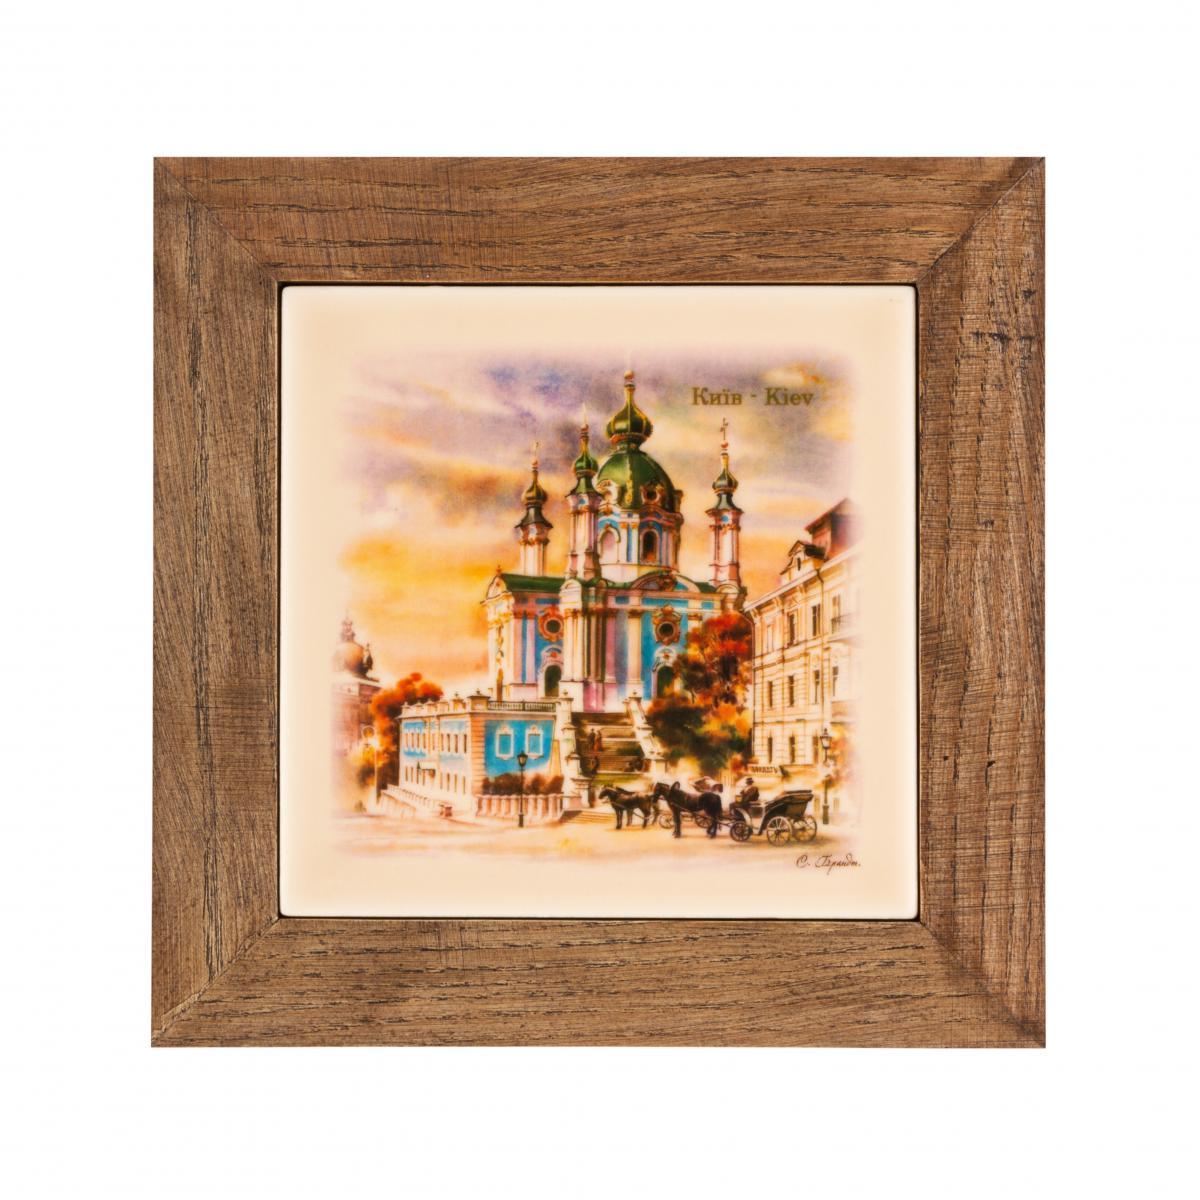 Картина Андріївська церква (кольорова). Фото №1. | Народний дім Україна